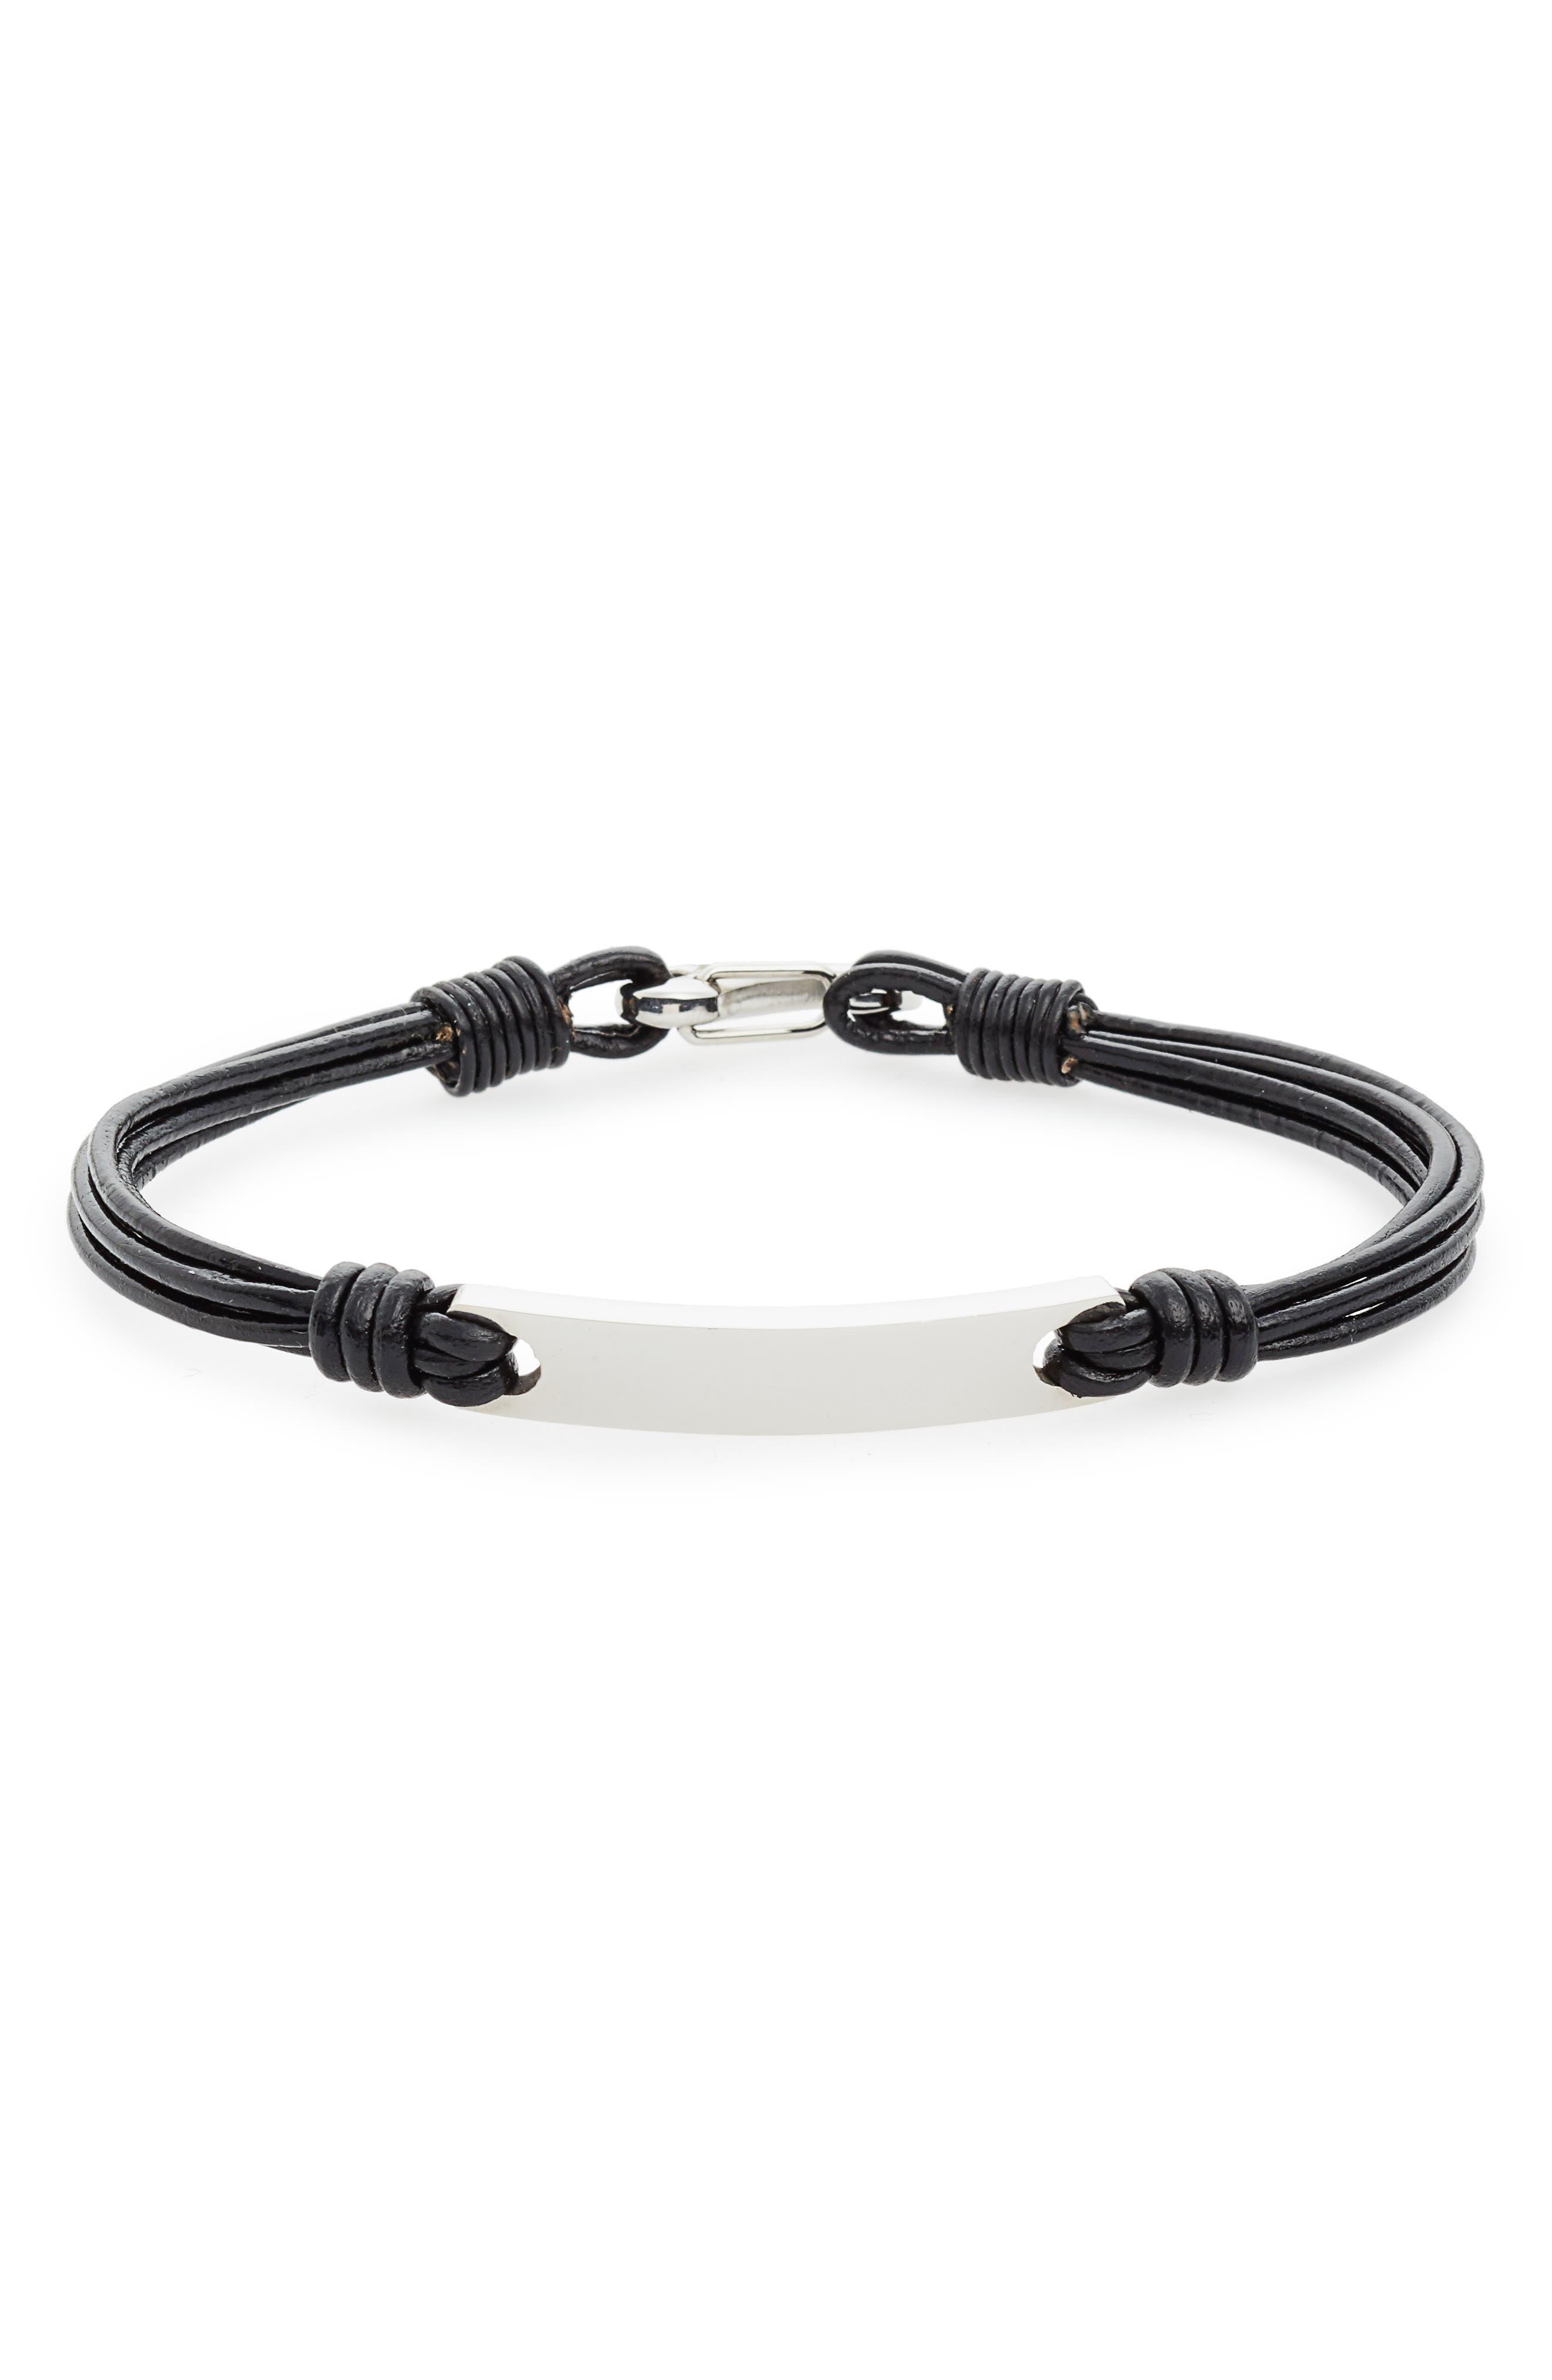 Main Image - Link Up Leather Strands Bracelet